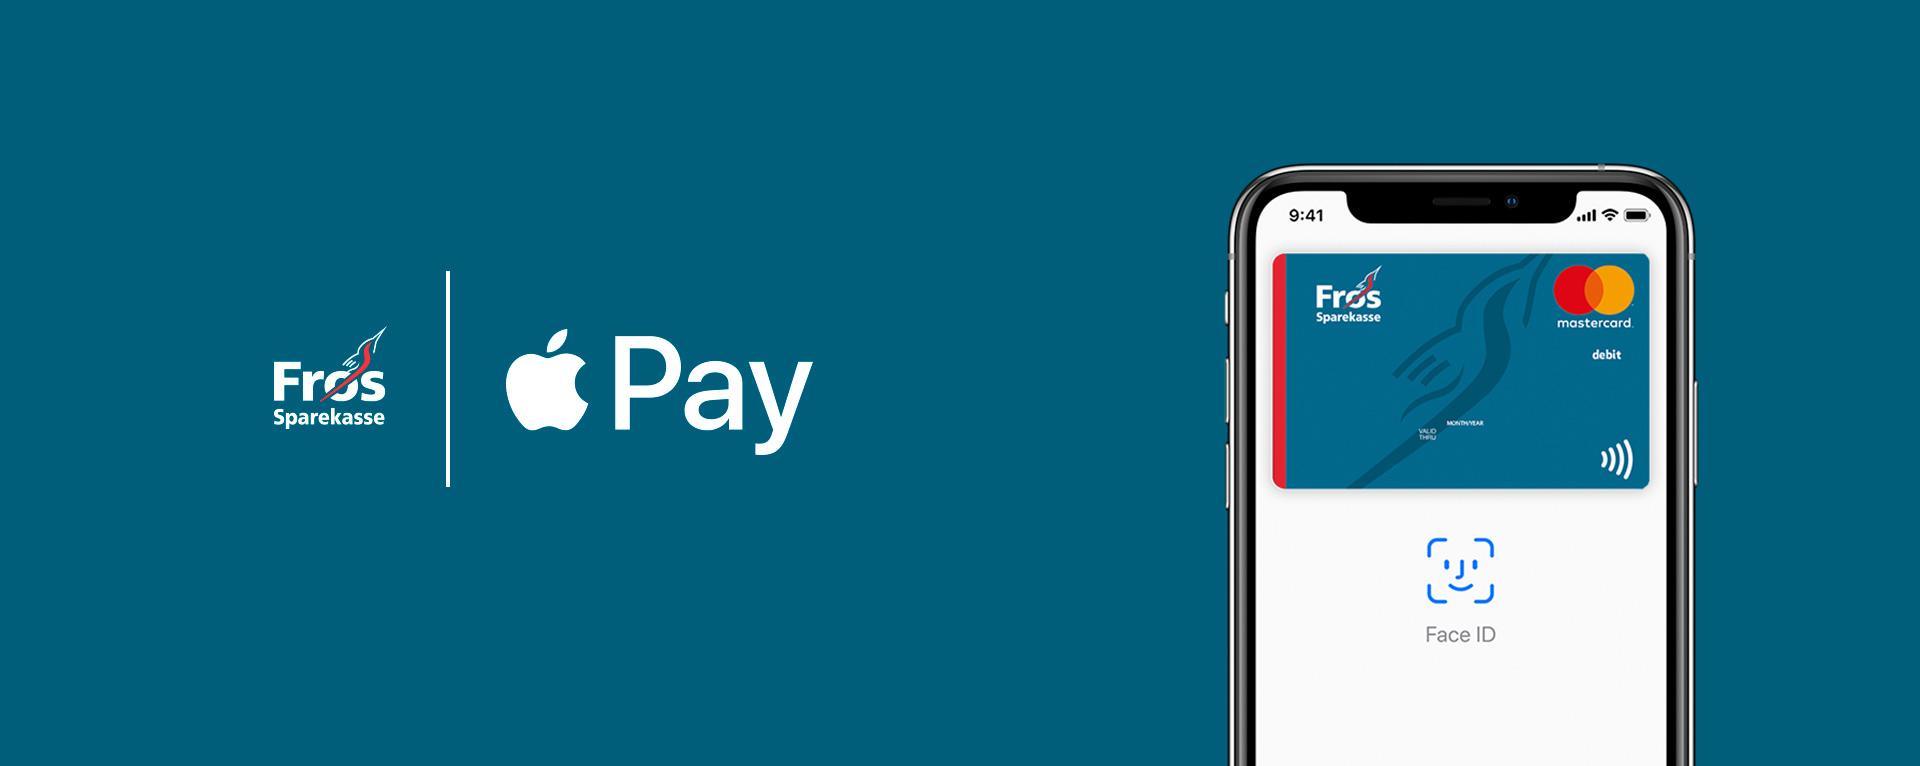 Apple Pay hos Frøs Sparekasse